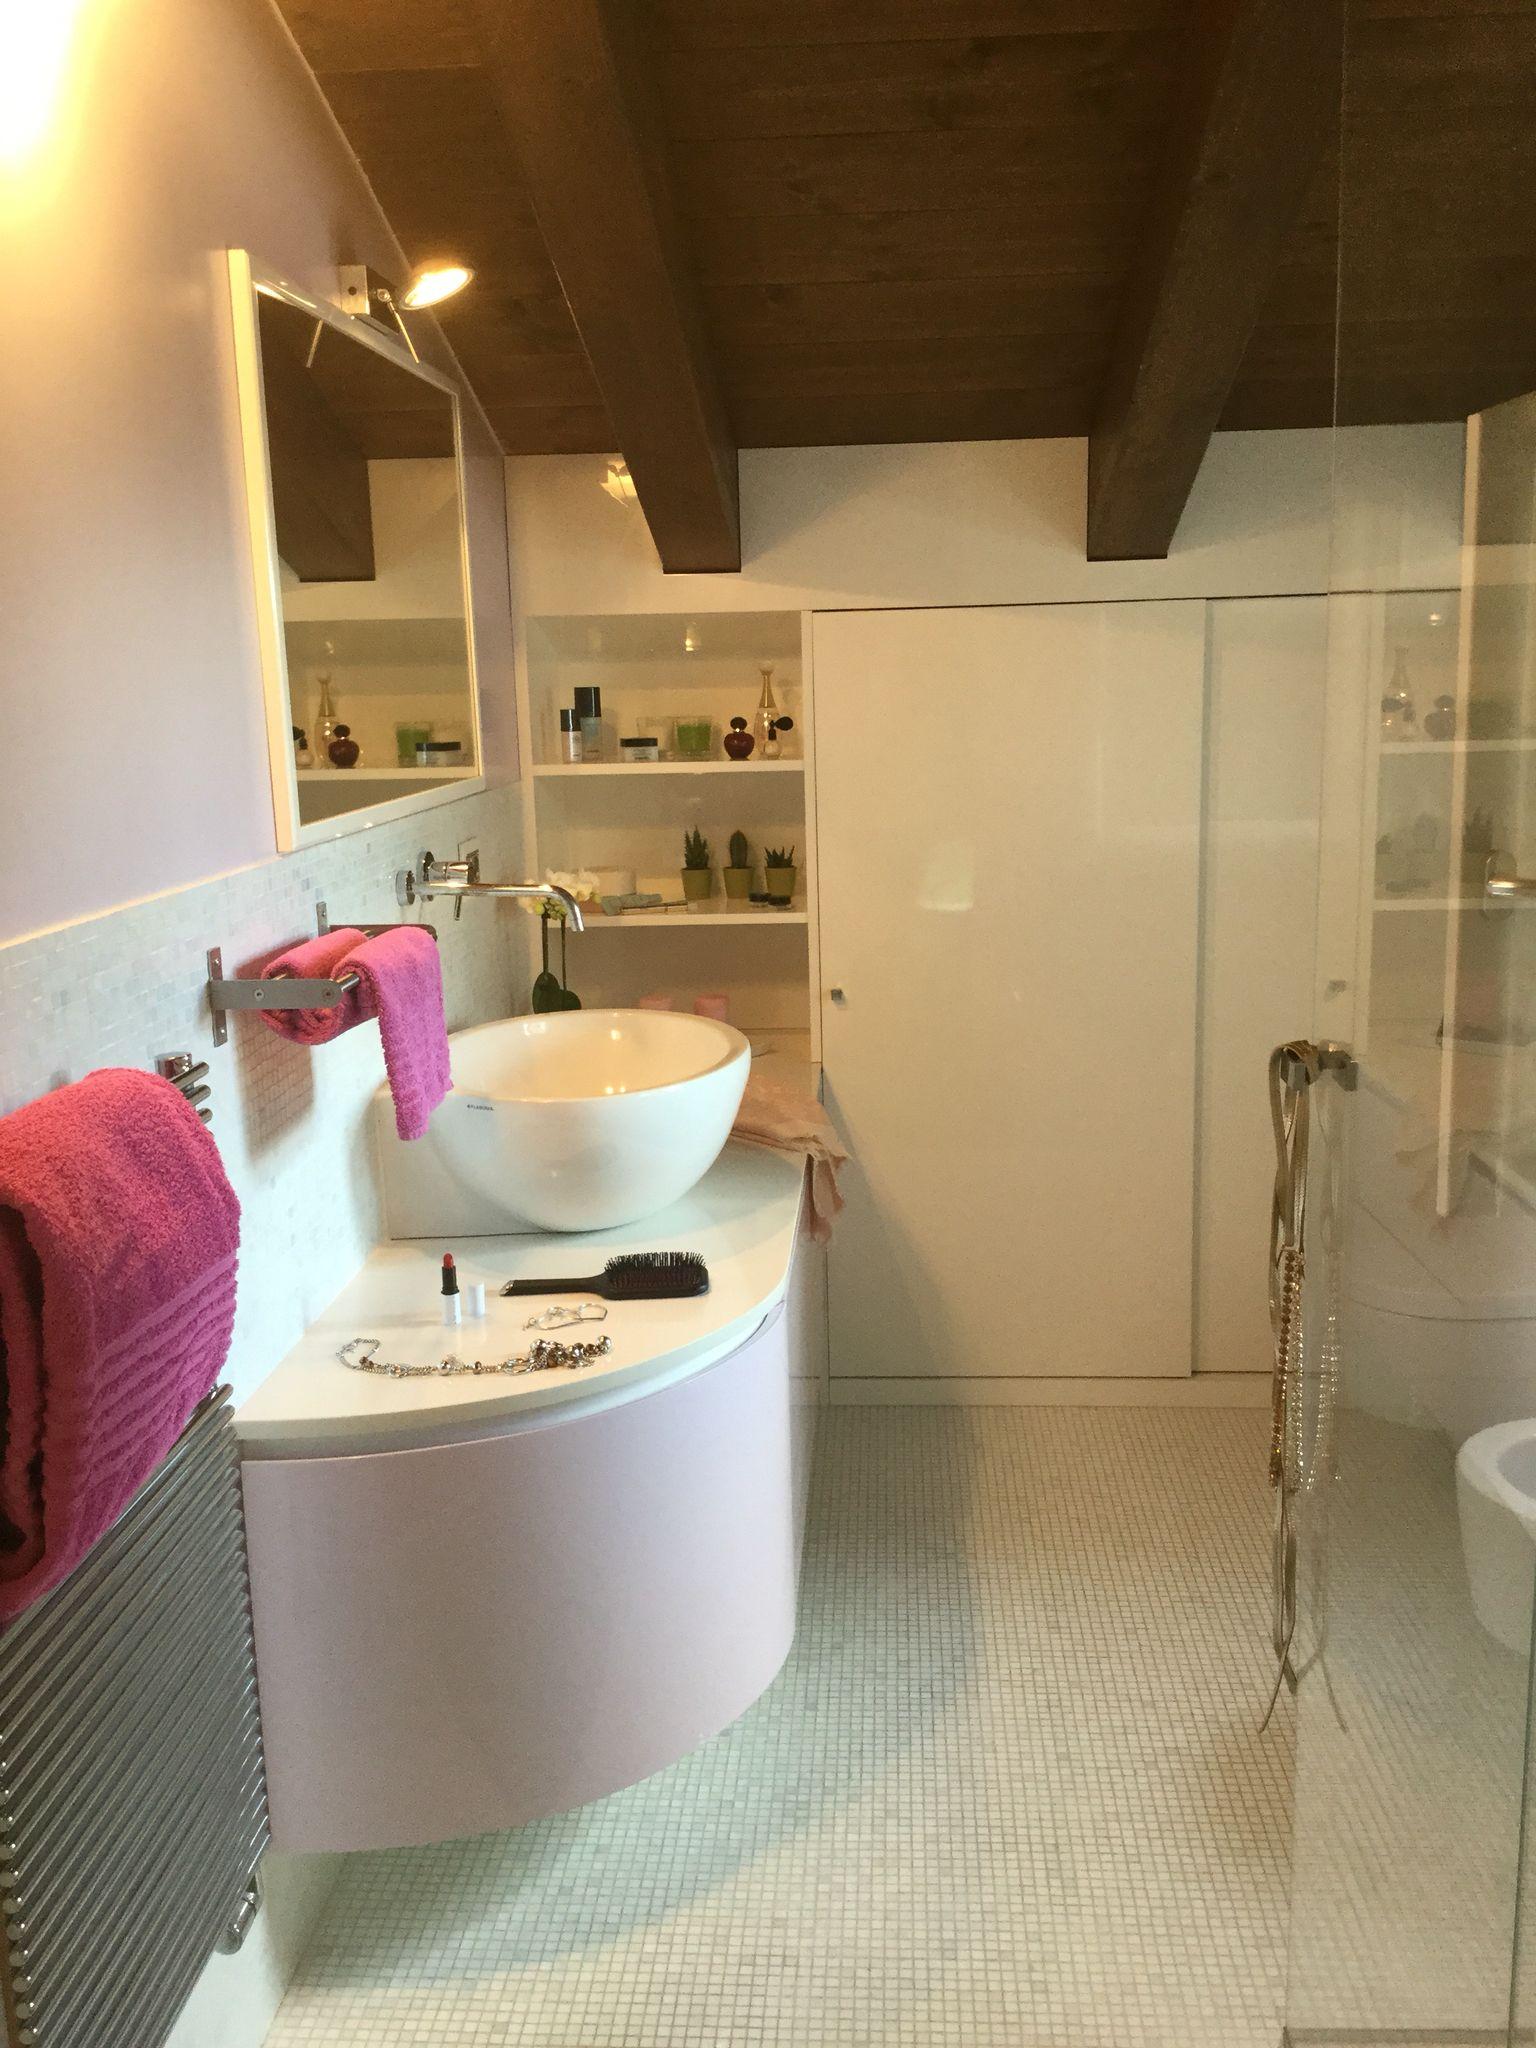 Arredo bagno personalizzato per mansarda laccato lucido bianco e glicine costituito da una parte ...